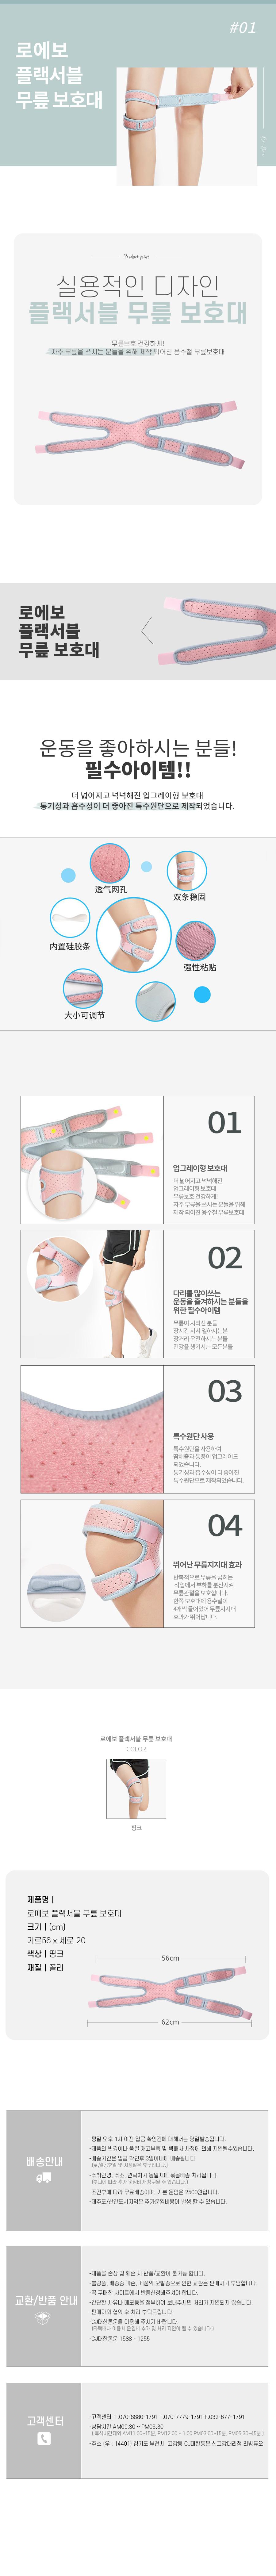 플랙서블 무릎 보호대 - 리빙듀오, 12,900원, 운동기구/소품, 운동소품